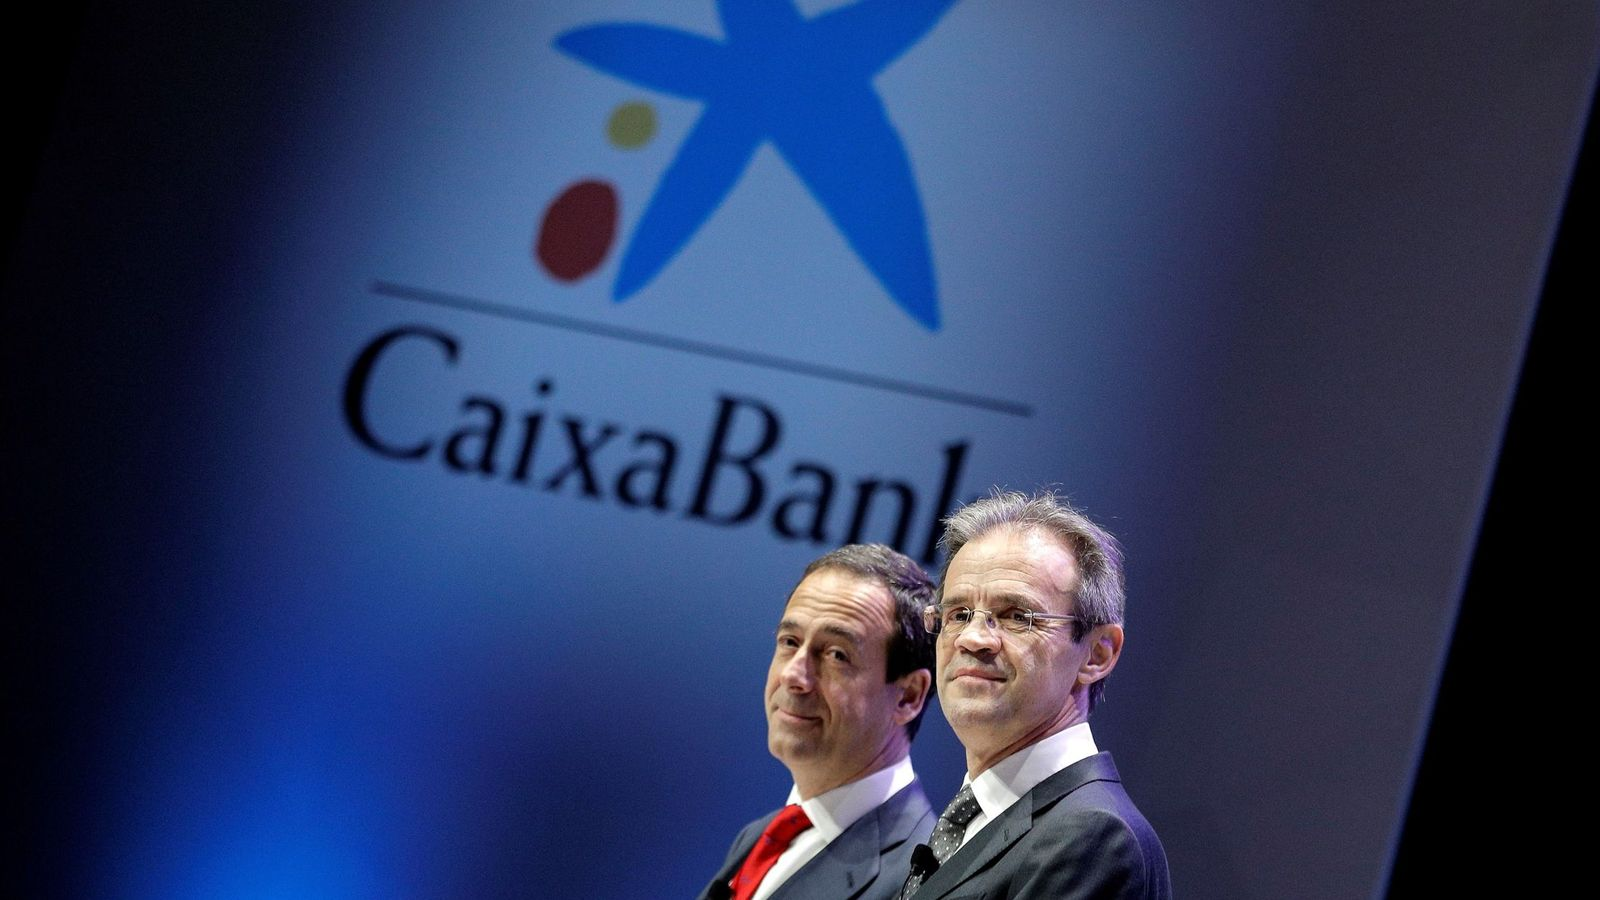 Foto: El presidente de CaixaBank, Jordi Gual, junto con el consejero delegado, Gonzalo Gortázar. (EFE)